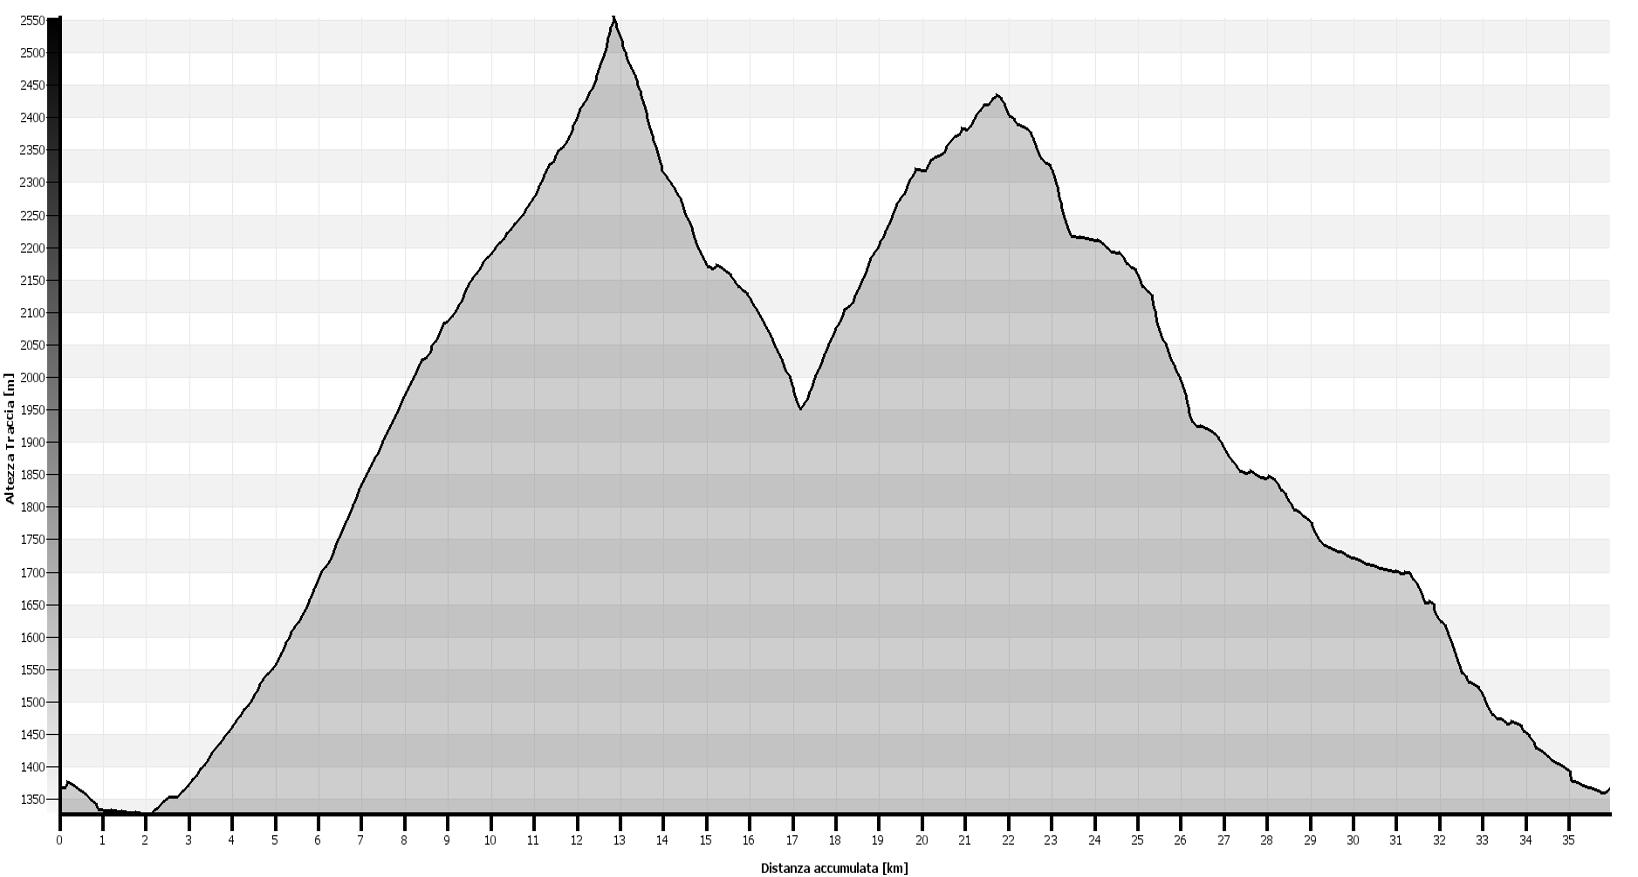 Colle della Rho - Colle Valle Stretta Altimetrie